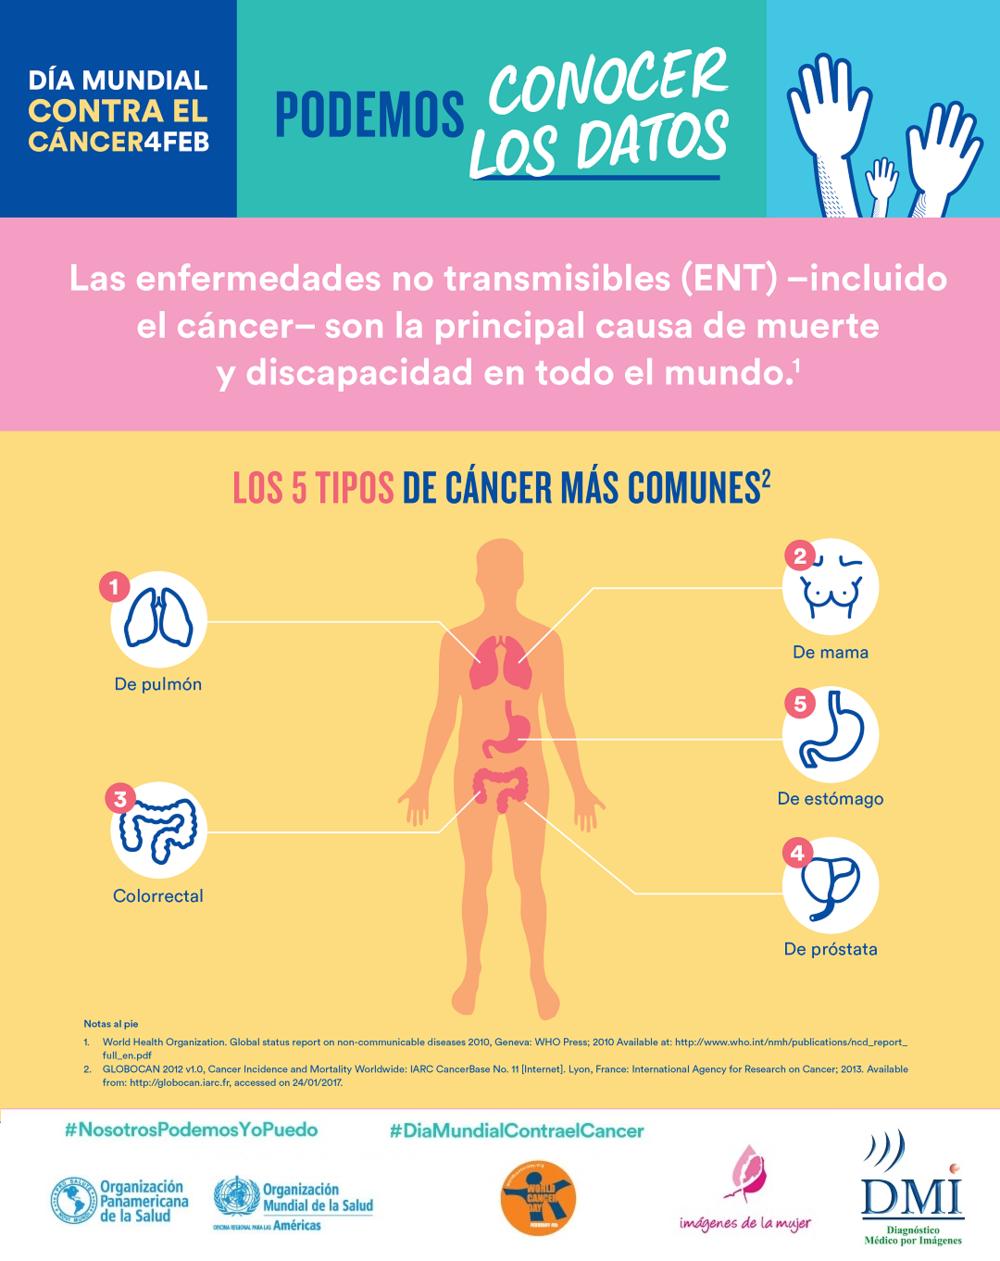 DMI-Dia-Contra-Cancer-Tipos mas comunes.png